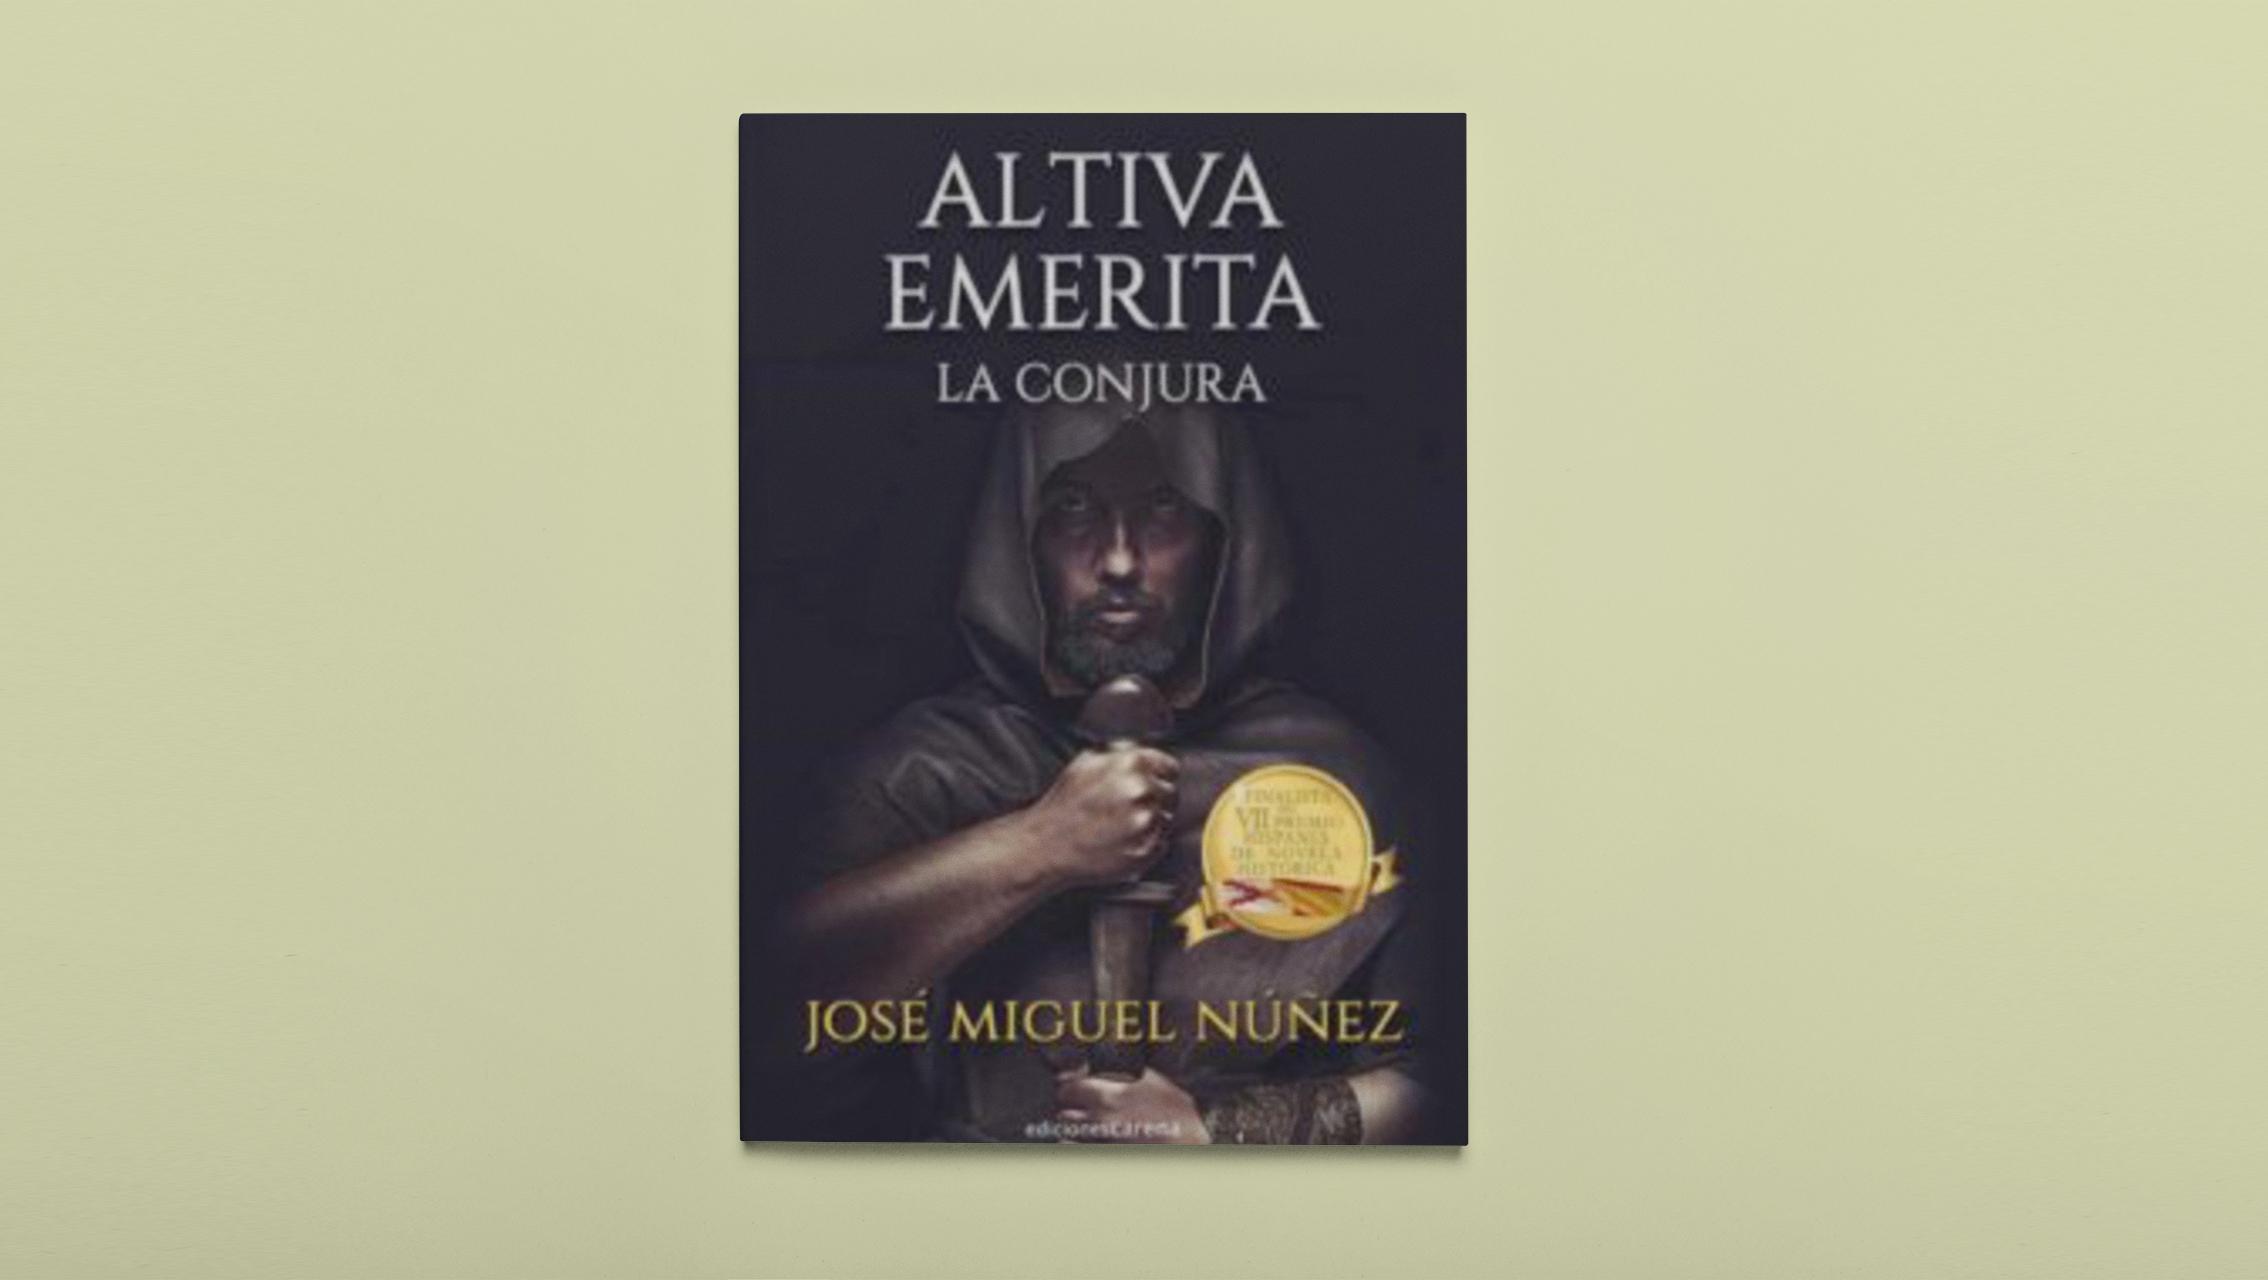 Altiva Emerita, la novel·la del salesià José Miguel Núñez, el millor regal per Nadal